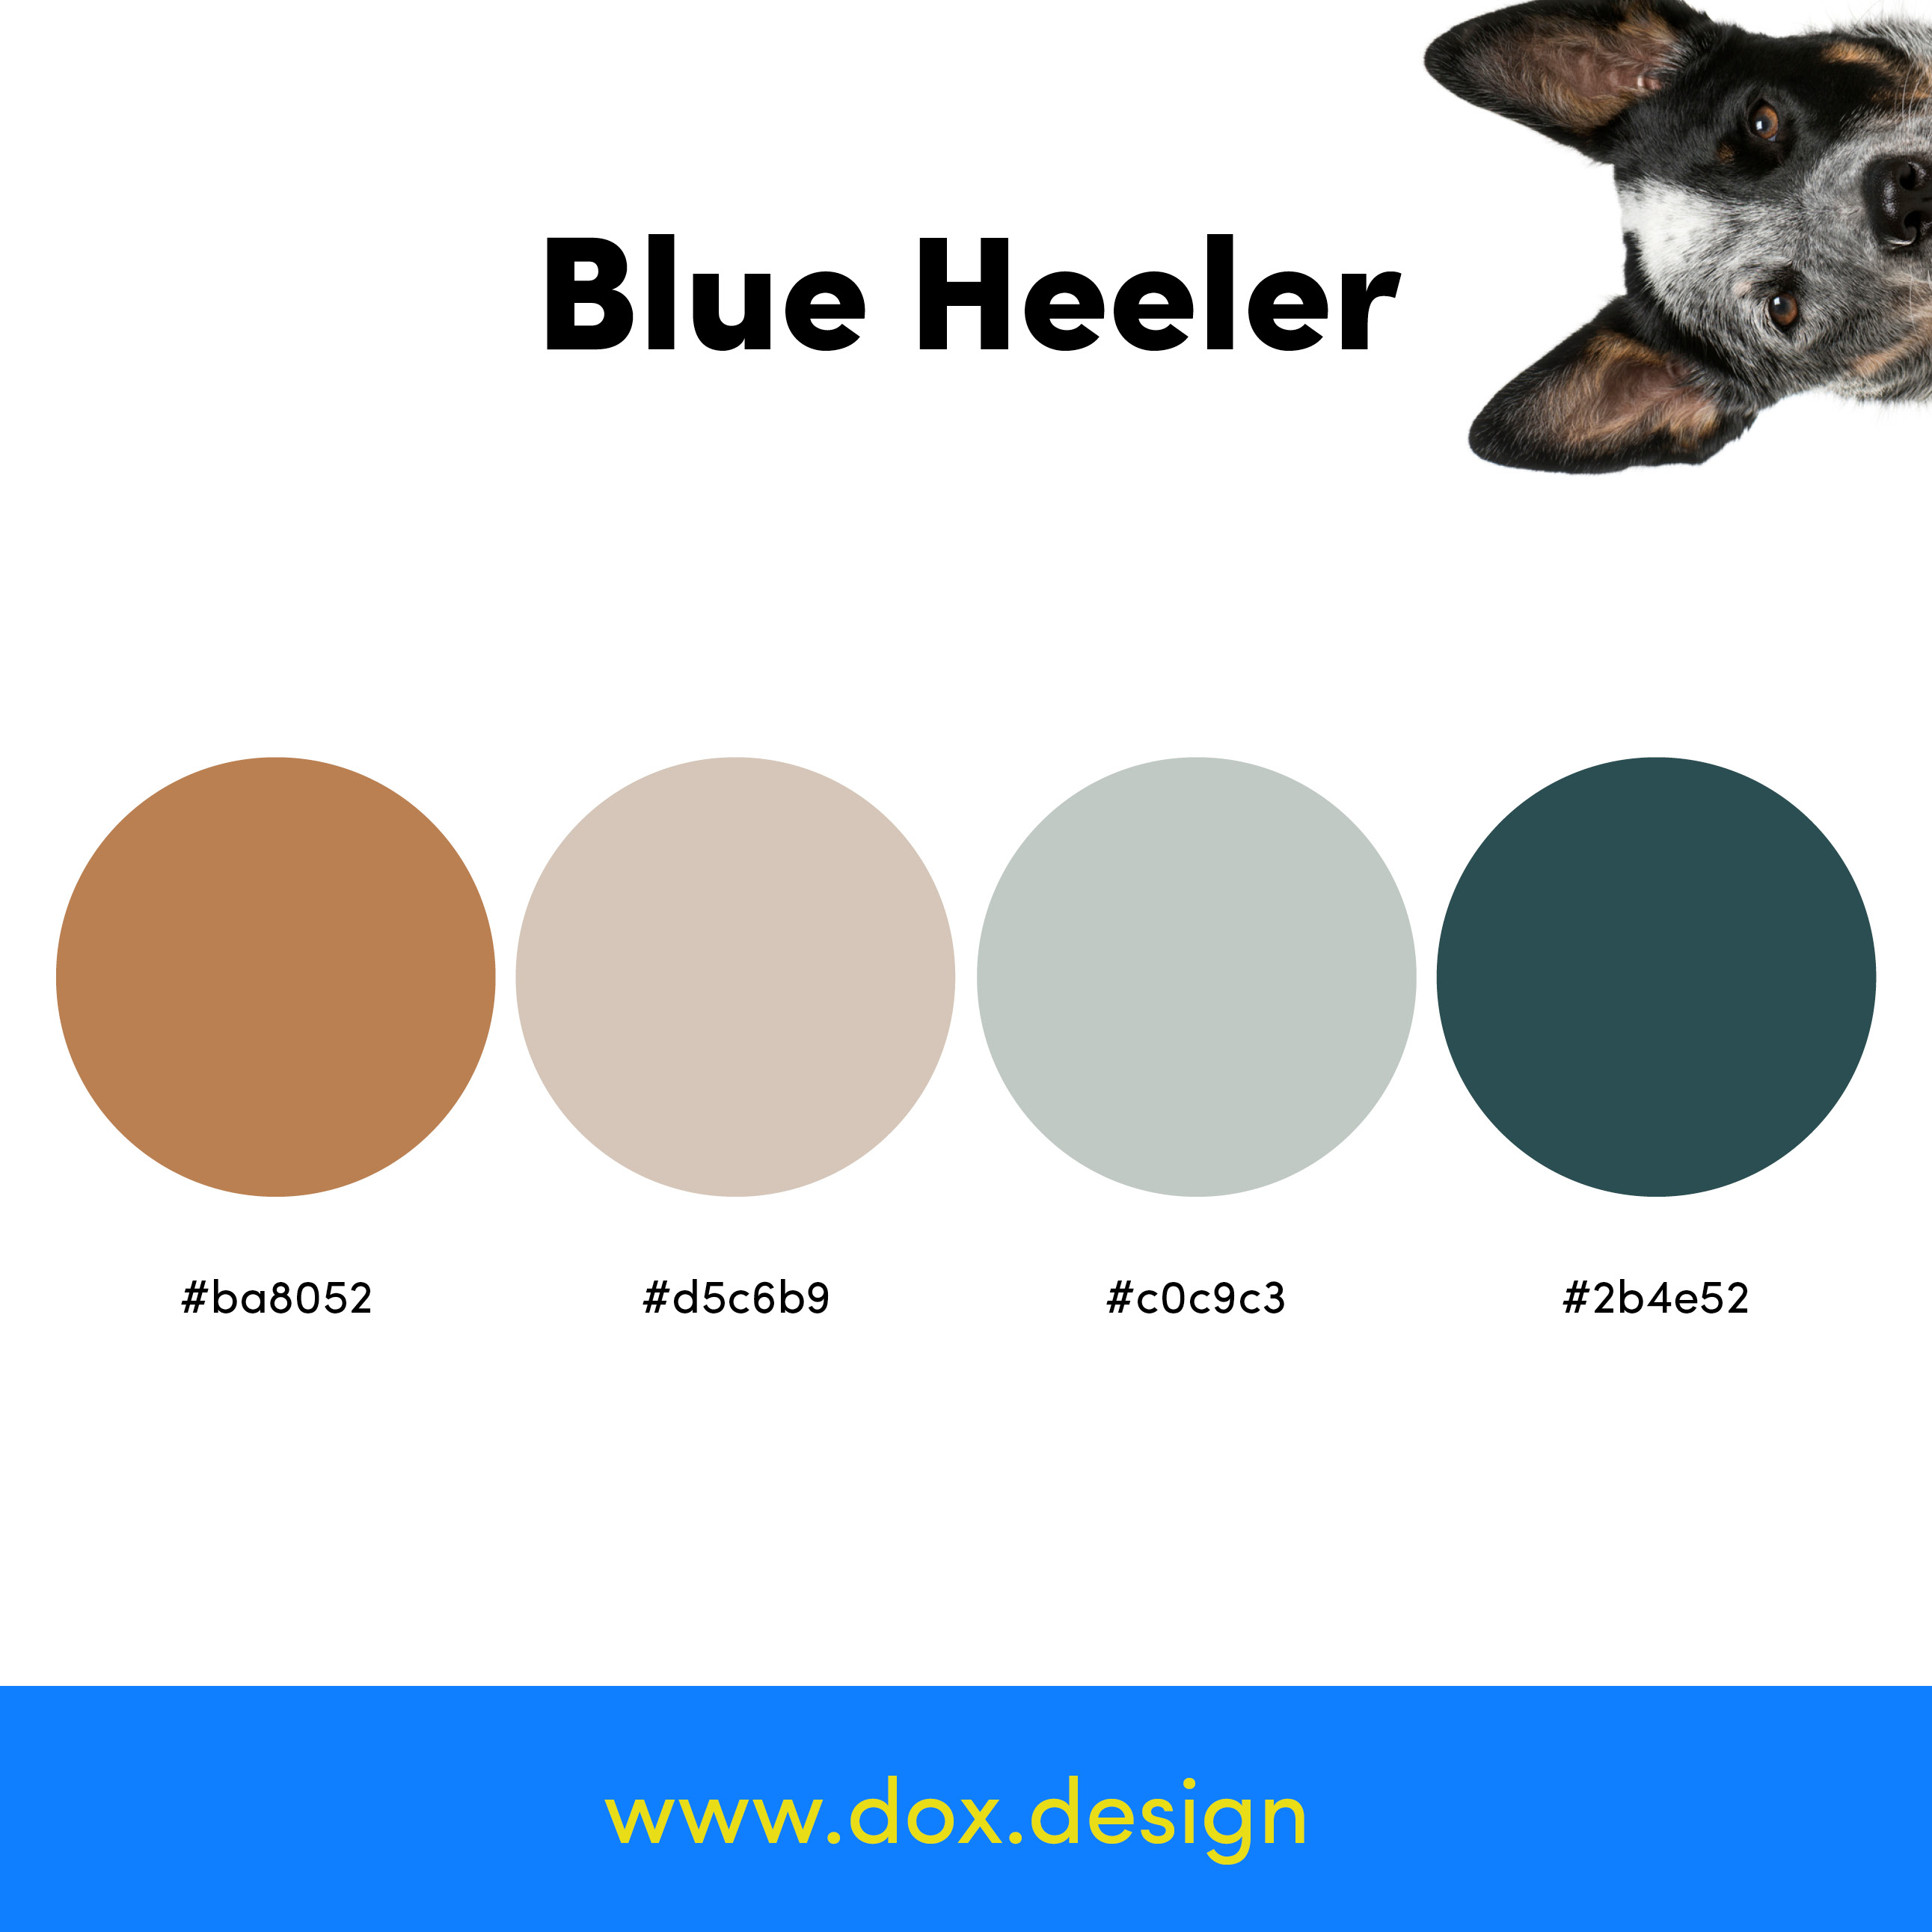 Blue Heeler color palette